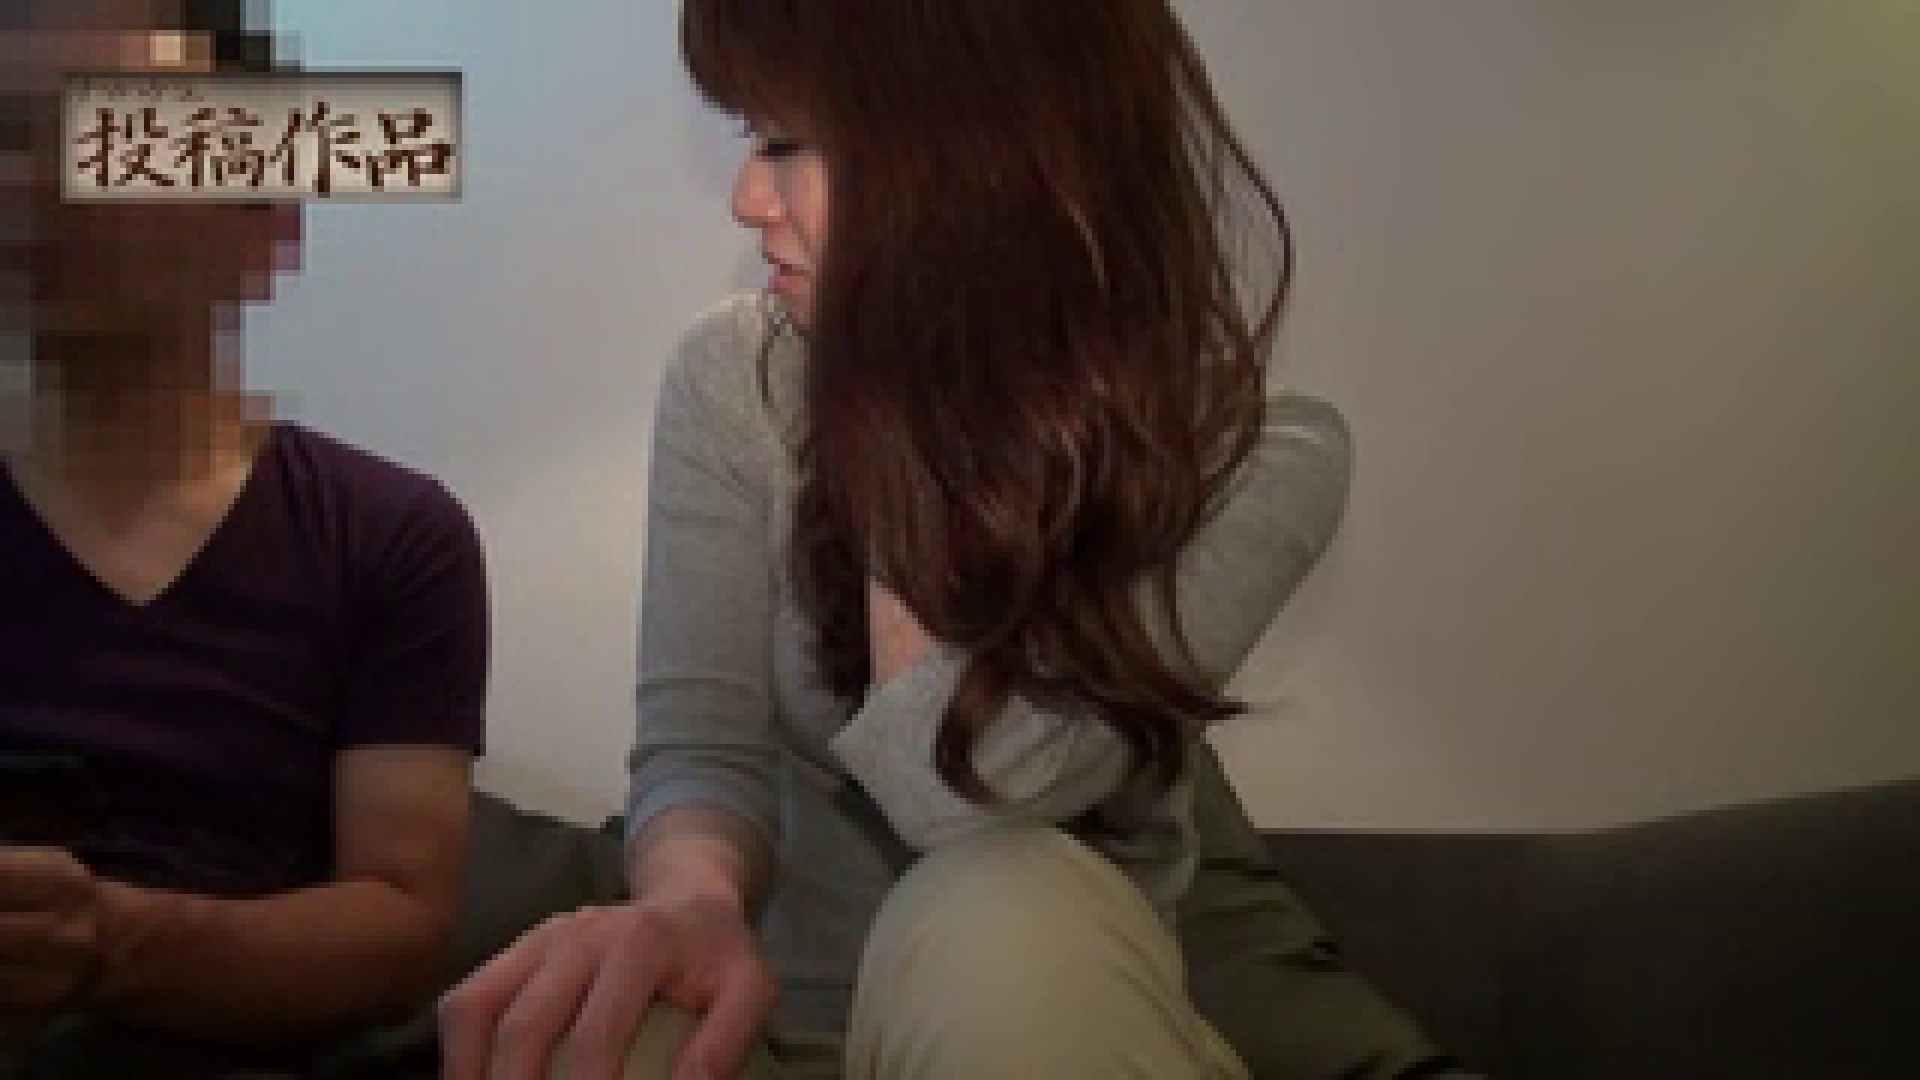 ナマハゲさんのまんこコレクション第3弾 sachiko おっぱい われめAV動画紹介 92PIX 14